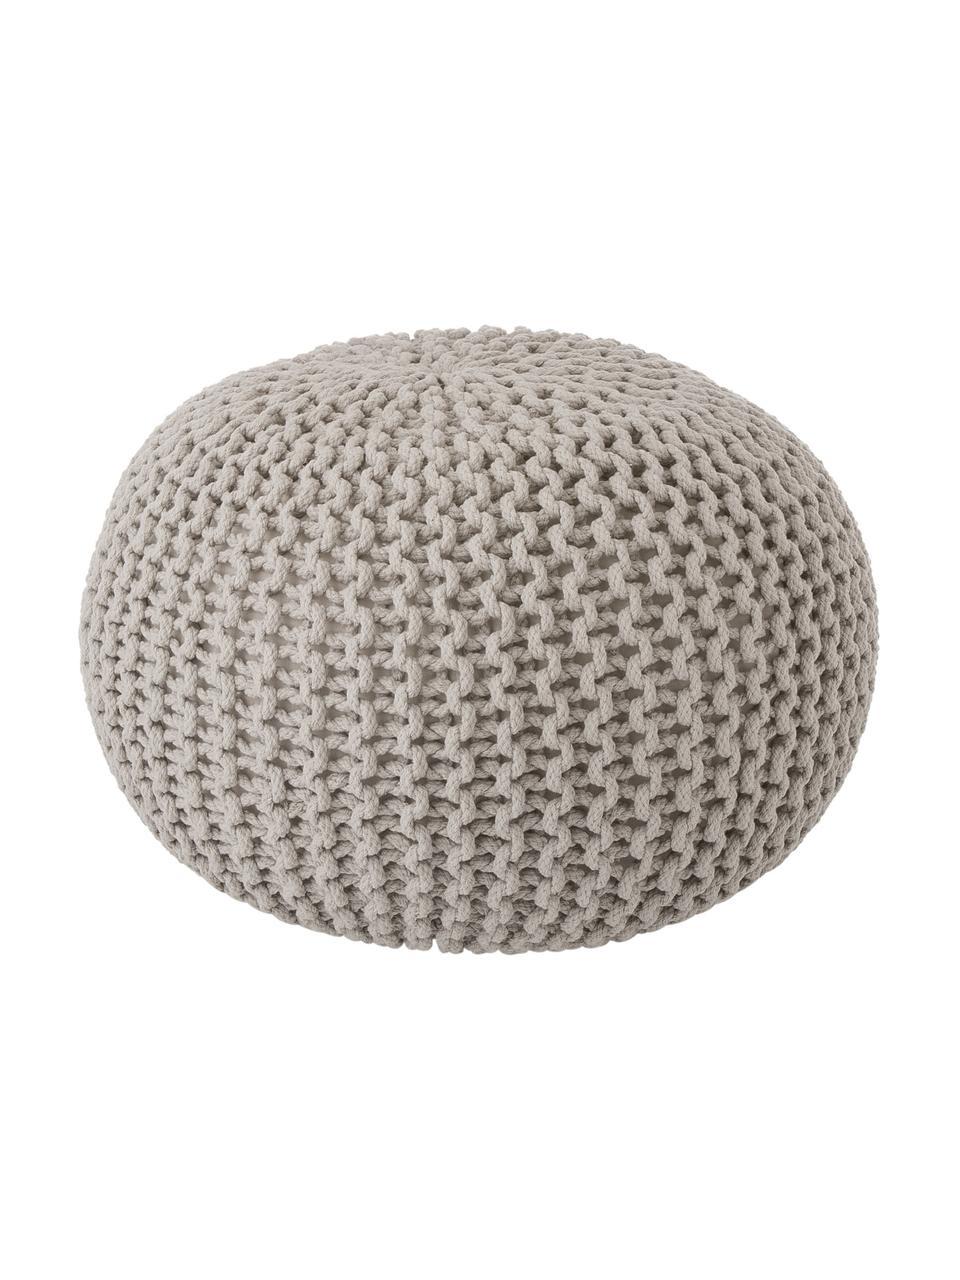 Pouf a maglia fatto a mano Dori, Rivestimento: 100% cotone, Taupe, Ø 55 x Alt. 35 cm